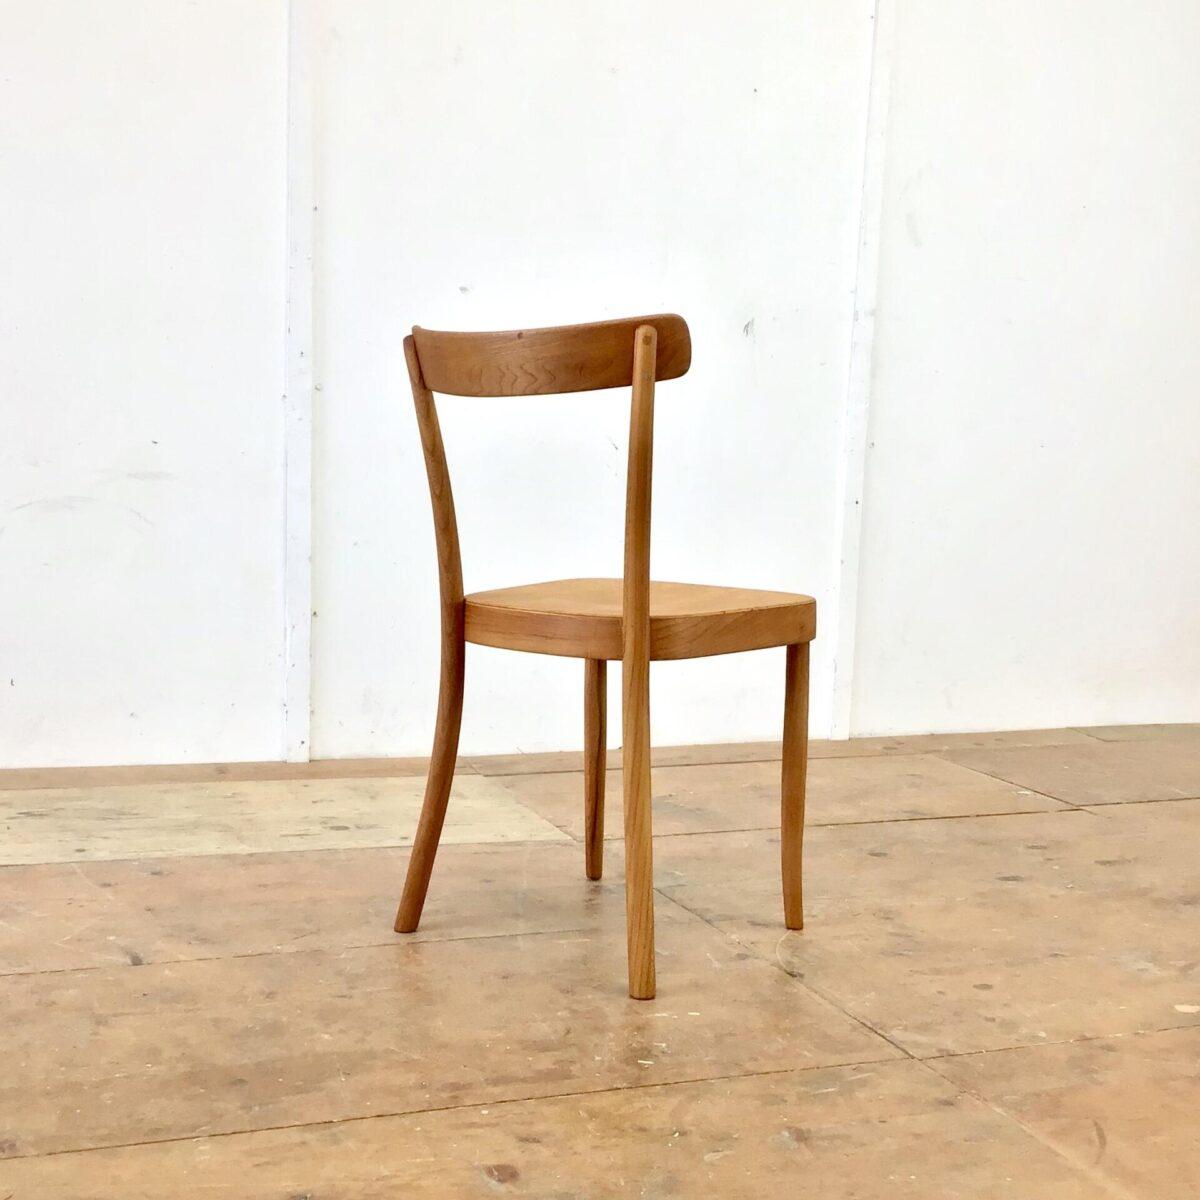 Einzelner horgenglarus Stuhl von Werner Max Moser. Frühes Modell 1-250 aus Eschenholz. Der Stuhl ist komplett geschliffen und mit Naturöl behandelt. Warme, matte Ausstrahlung. Leichte Alterspatina. Technisch in einwandfreiem Stabilen Zustand. Für mich persönlich momentan Der Stuhl. Schlicht, Elegant, Zeitlos und aufs Minimum reduziert, trotzdem stabil und bequem.